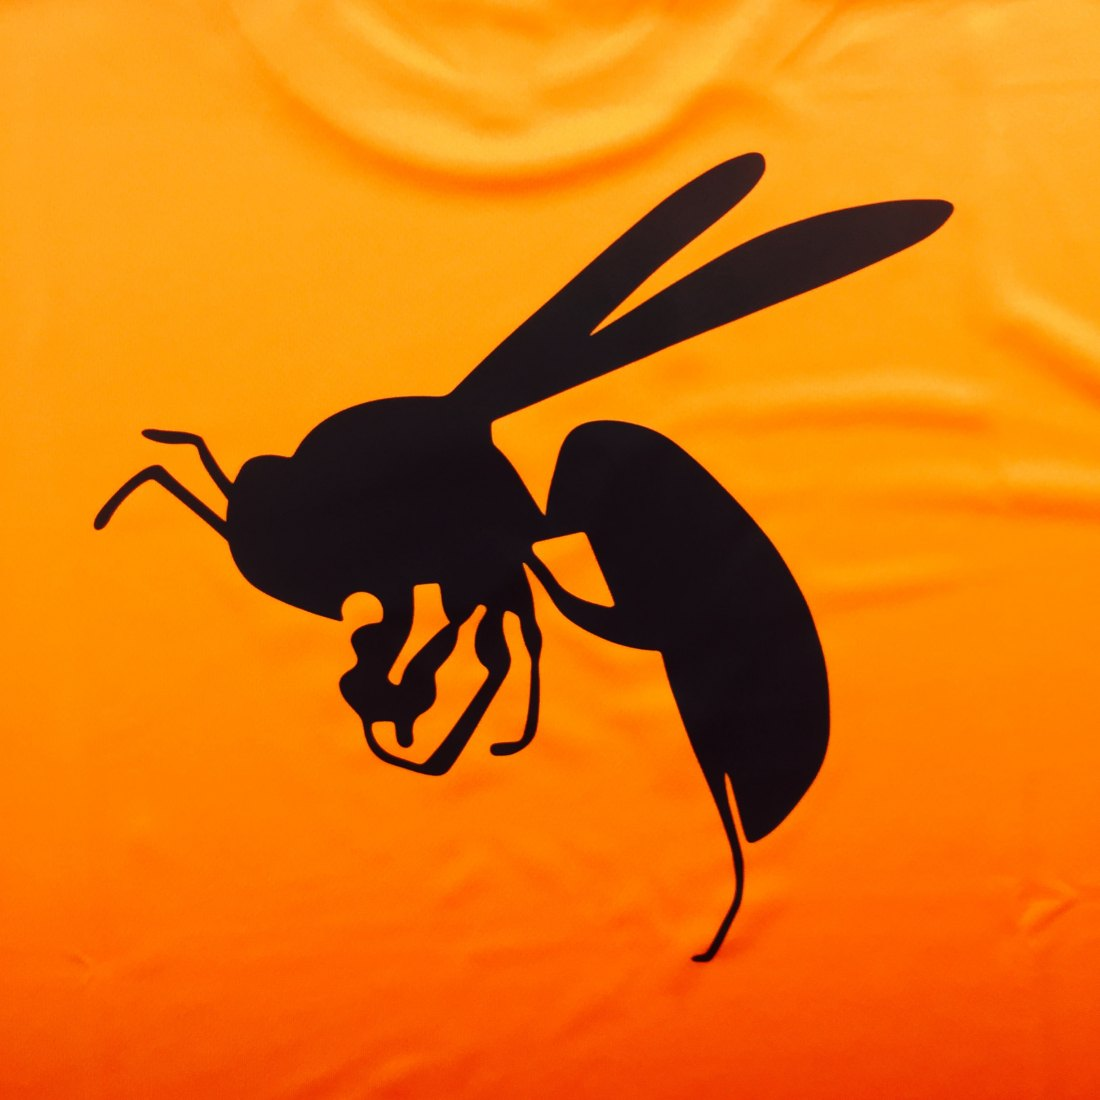 蜂がプリントされたドライtシャツ|一番プリント